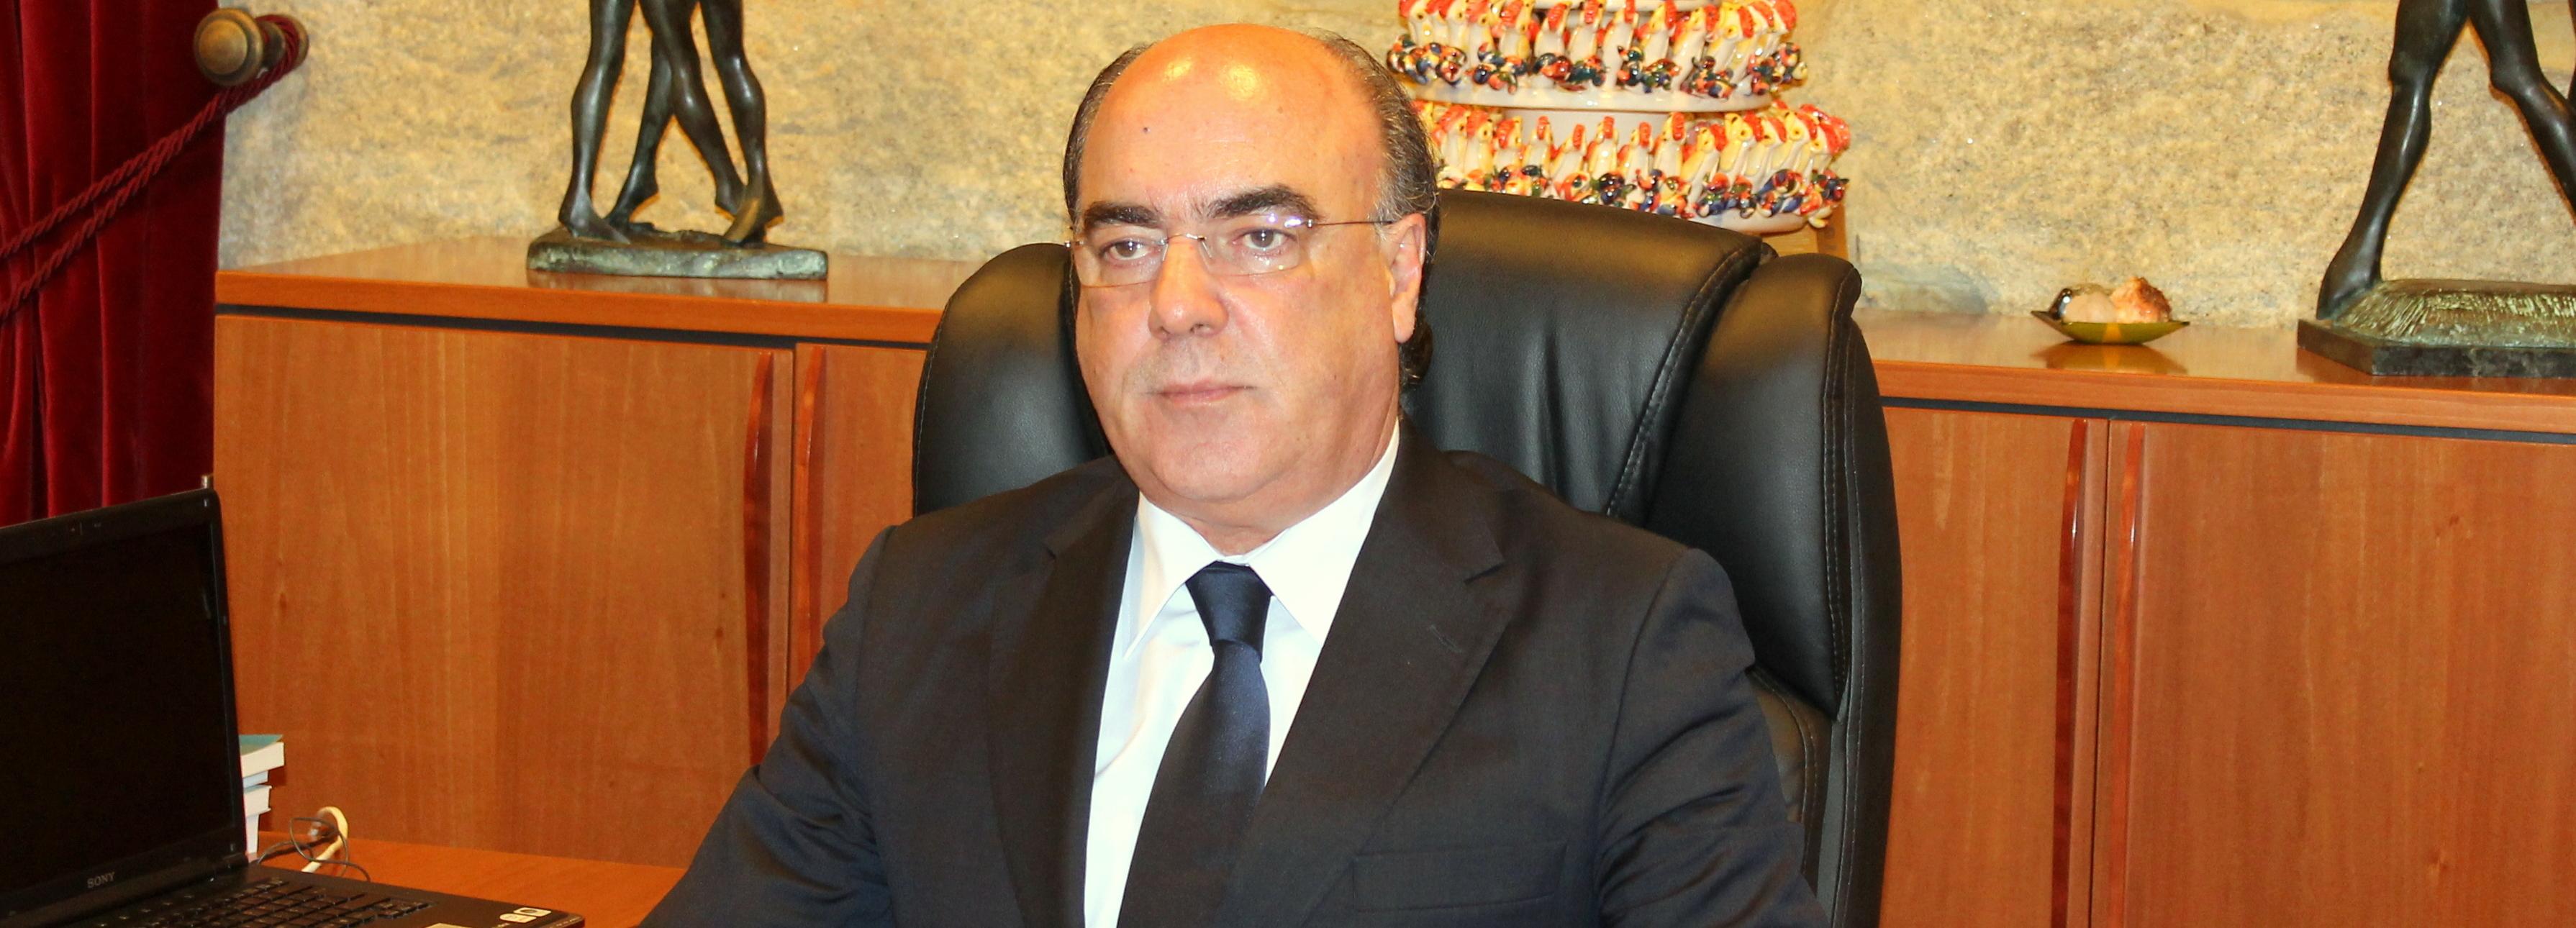 Câmara Municipal renova protocolo de 4,8 milhões de euros com as freguesias